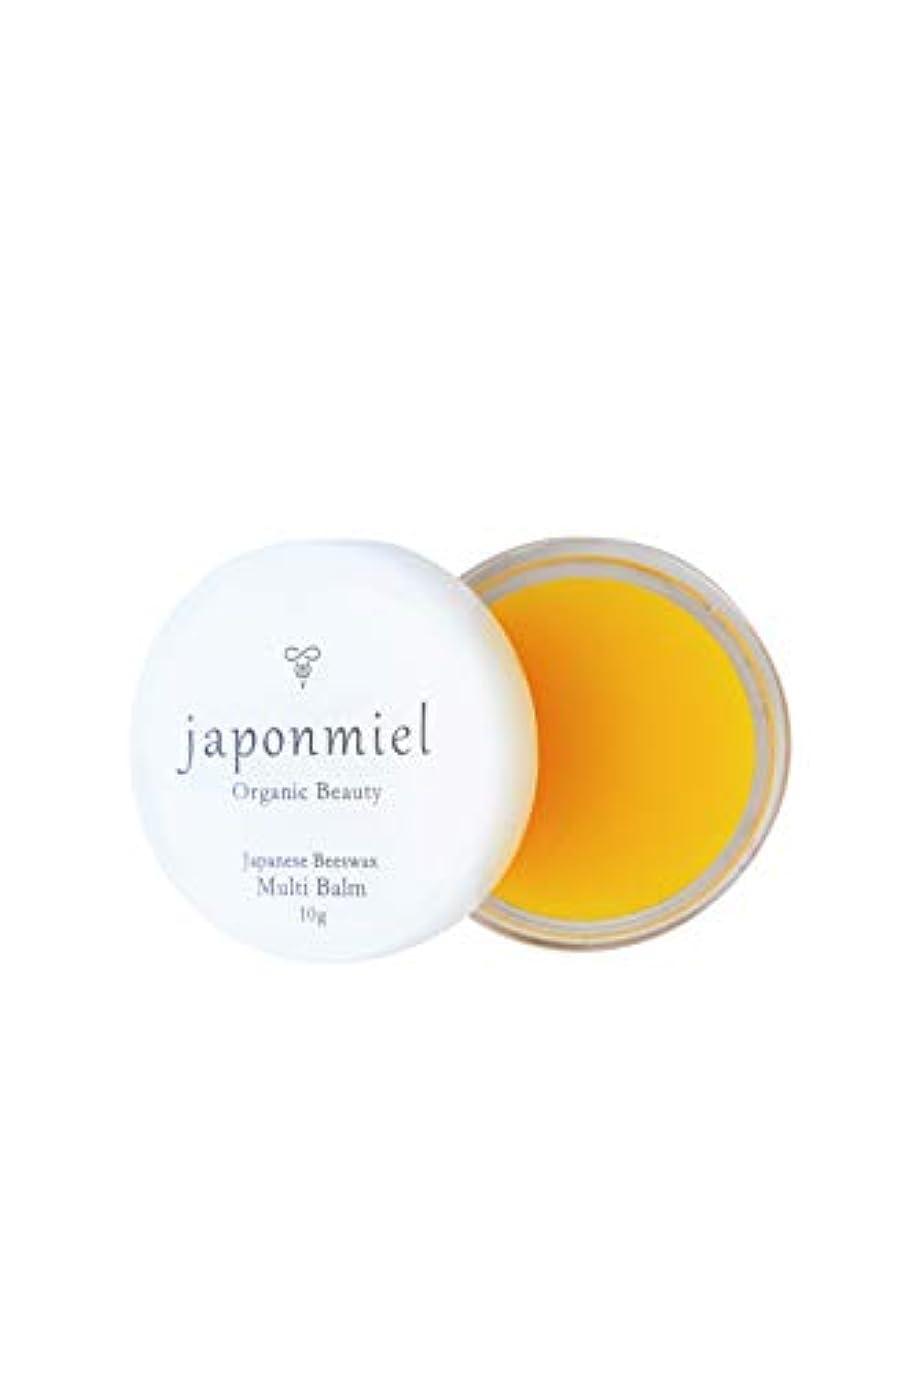 軽食襟無効にするjaponmiel オーガニック マルチバーム 10g (日本ミツバチ ミツロウ 配合 100%自然由来)